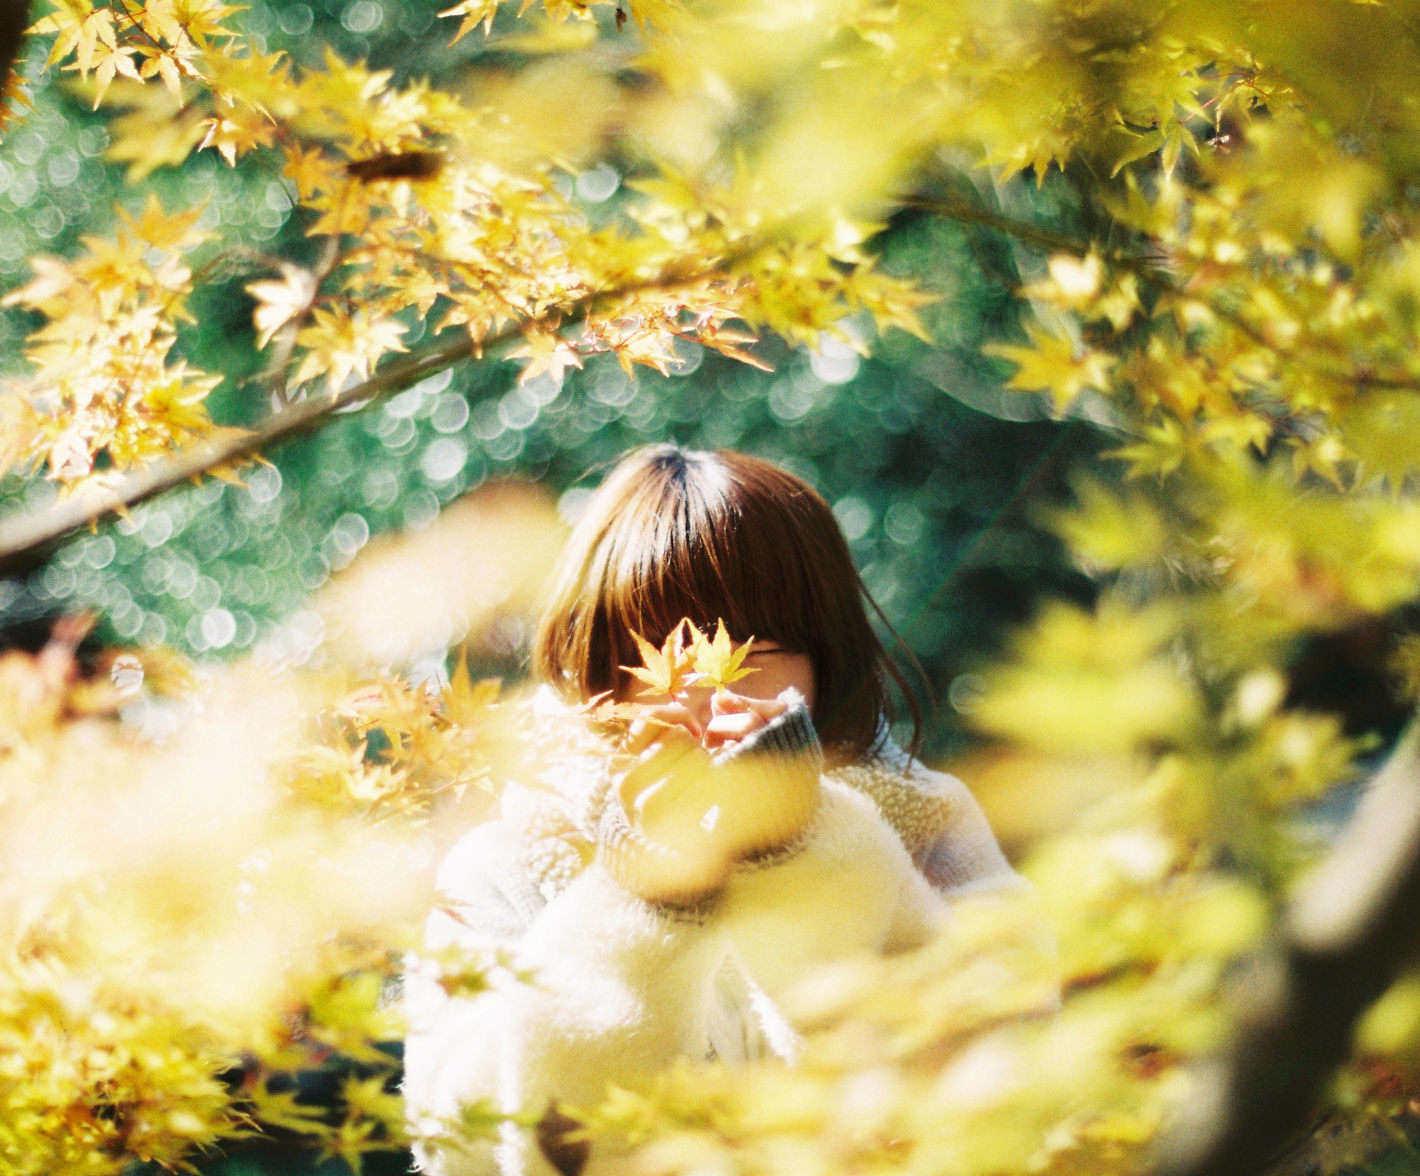 写真家・岩倉しおりさんインタビュー「自分の手が届く場所にある、美しい瞬間を残していきたい」